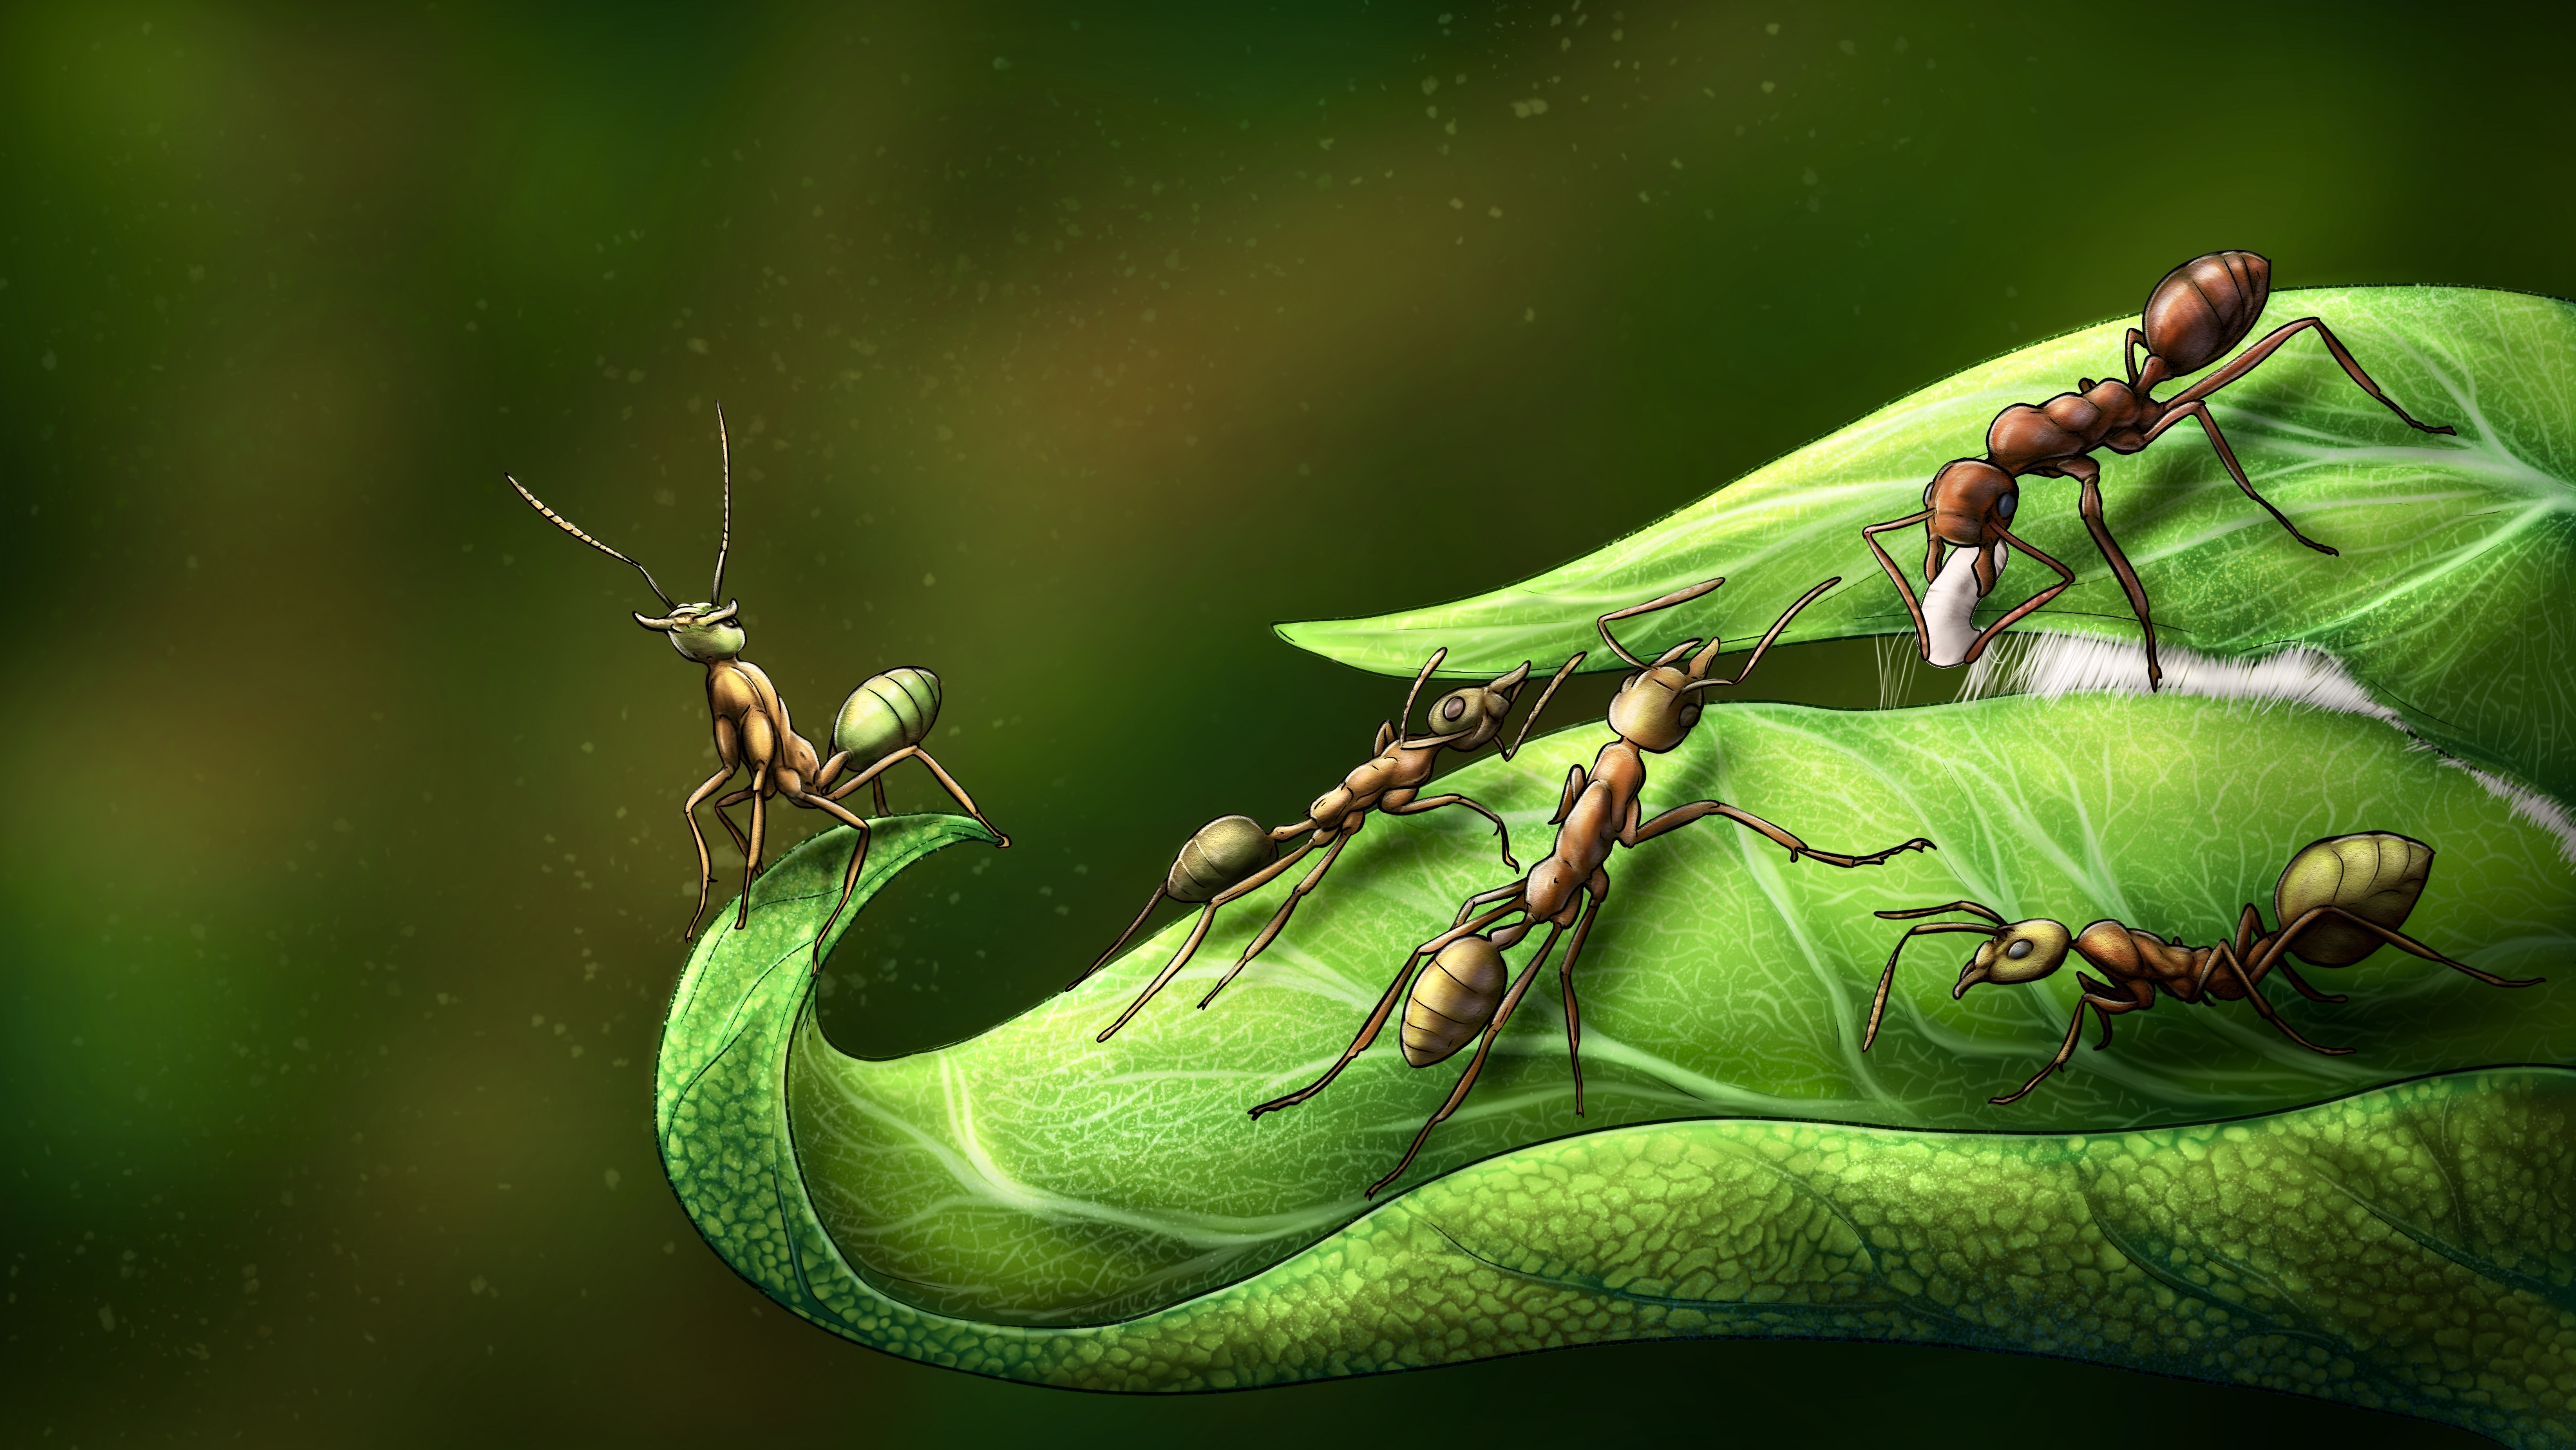 imagen de Las hormigas tejedoras del género Oecophylla utilizan sus propias larvas para unir los extremos de las hojas mediante la seda que estas producen. / Sergio Ibarra Mellado